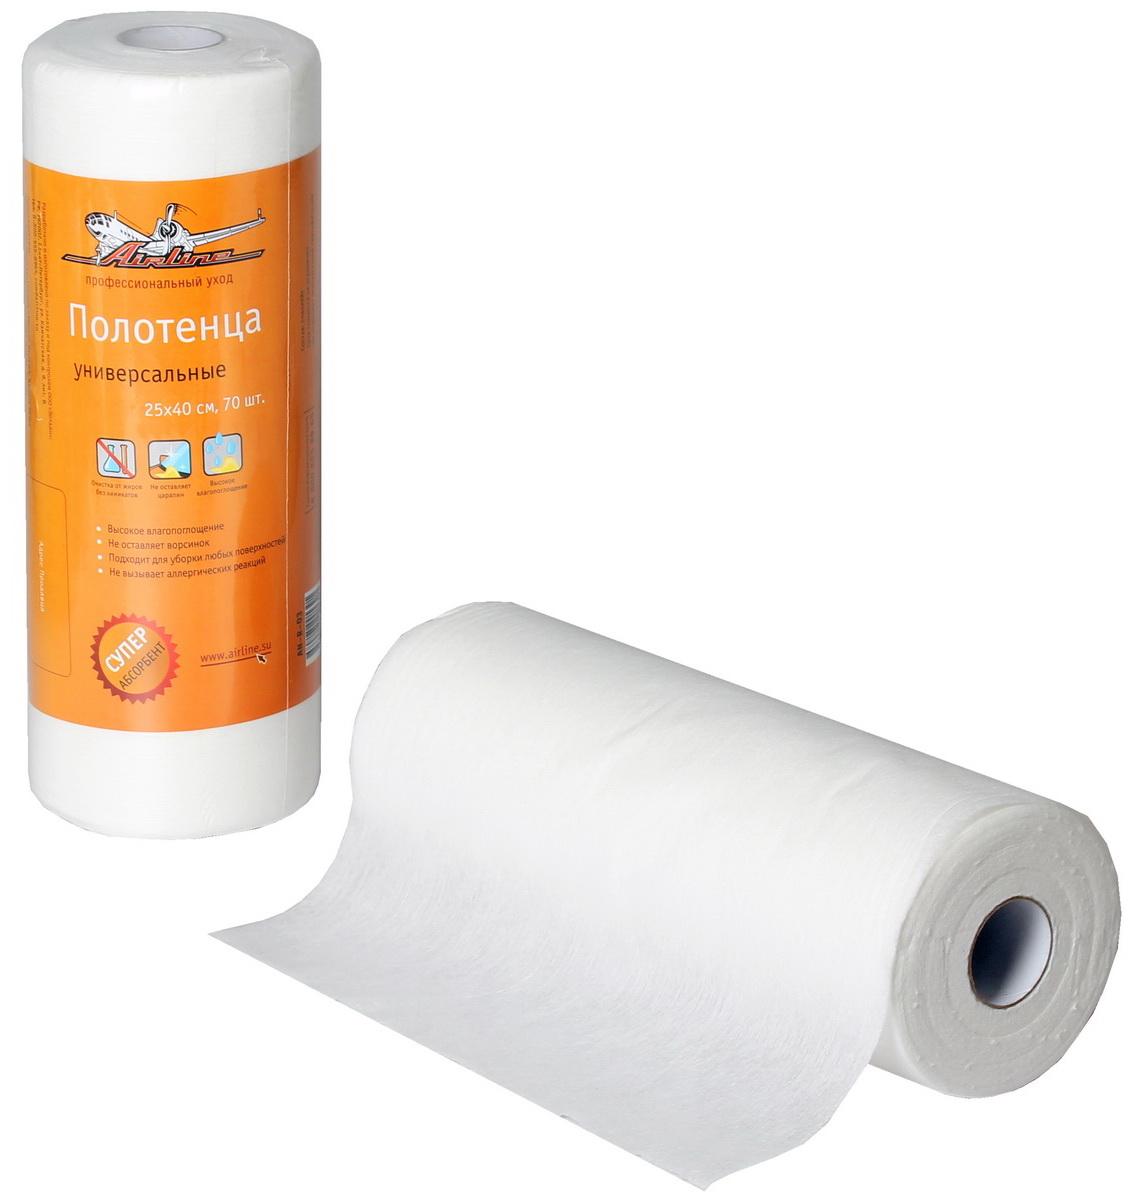 Полотенце универсальное Airline, 25 х 40 см, 70 штAB-T-05Универсальные полотенца Airline для уборки, помогут поддержанию чистоты в салоне автомобиля, дома и в любом другом месте. Полотенца выполнены из вискозы и полиэстера. С помощью полотенец может осуществляться исключительно влажная уборка. Изделия собирают даже мельчайшие загрязнения и тщательно впитывают влагу.Преимущества:- Высокое влагопоглощение,- Не оставляет ворсинок, - Подходит для уборки любых поверхностей, - Не вызывает аллергических реакций. Не подлежит обязательной сертификации.